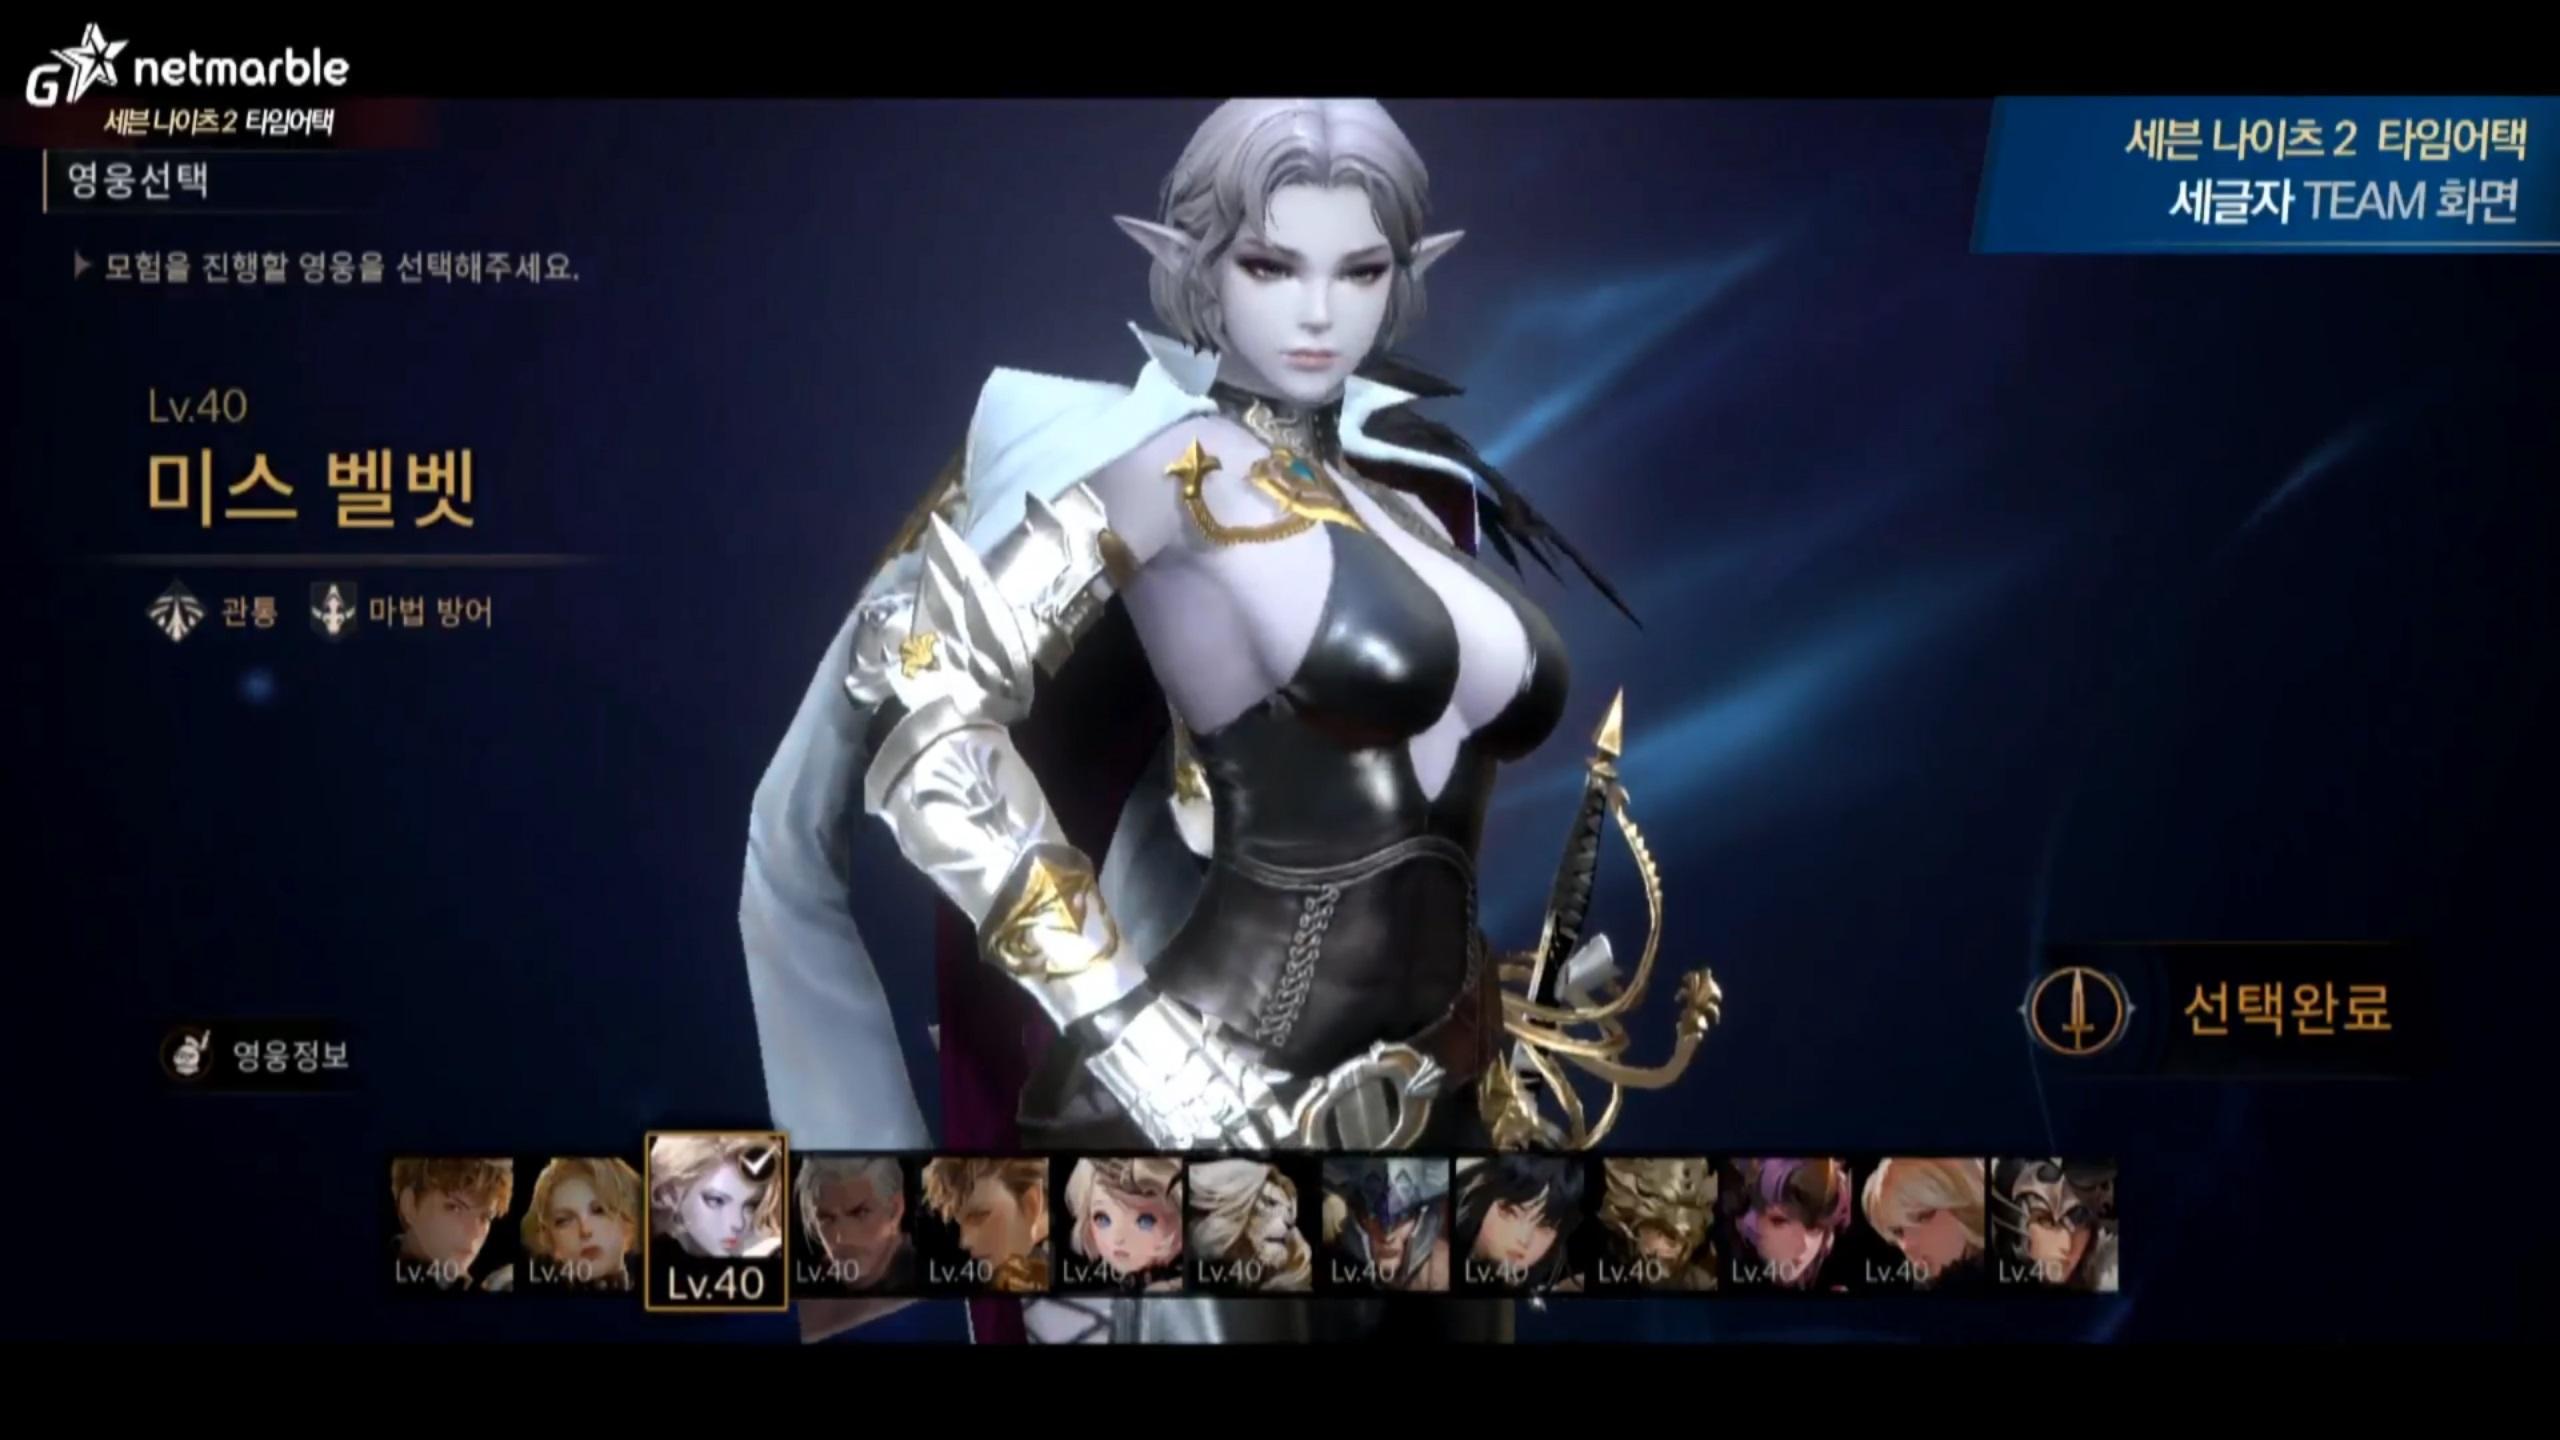 Seven Knights 2 เผยตัวละครคลิปใหม่ ต้อนรับเกม MMORPG สุดแจ่ม